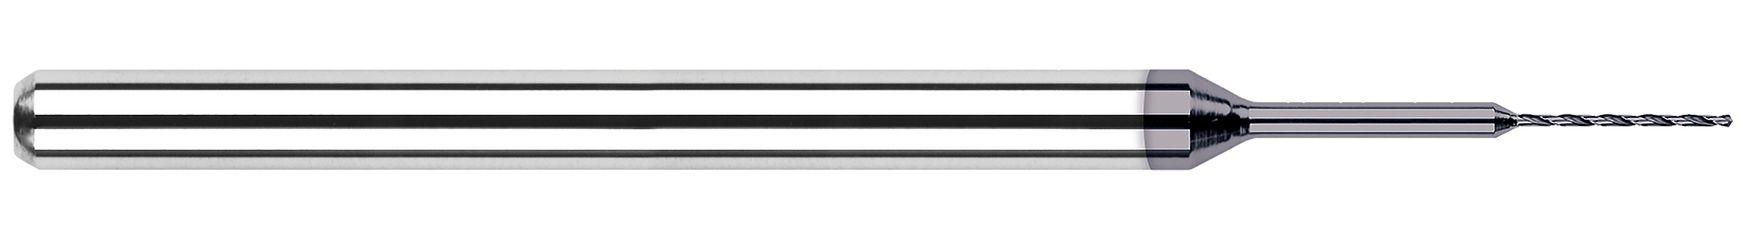 tool-details-20110-C3